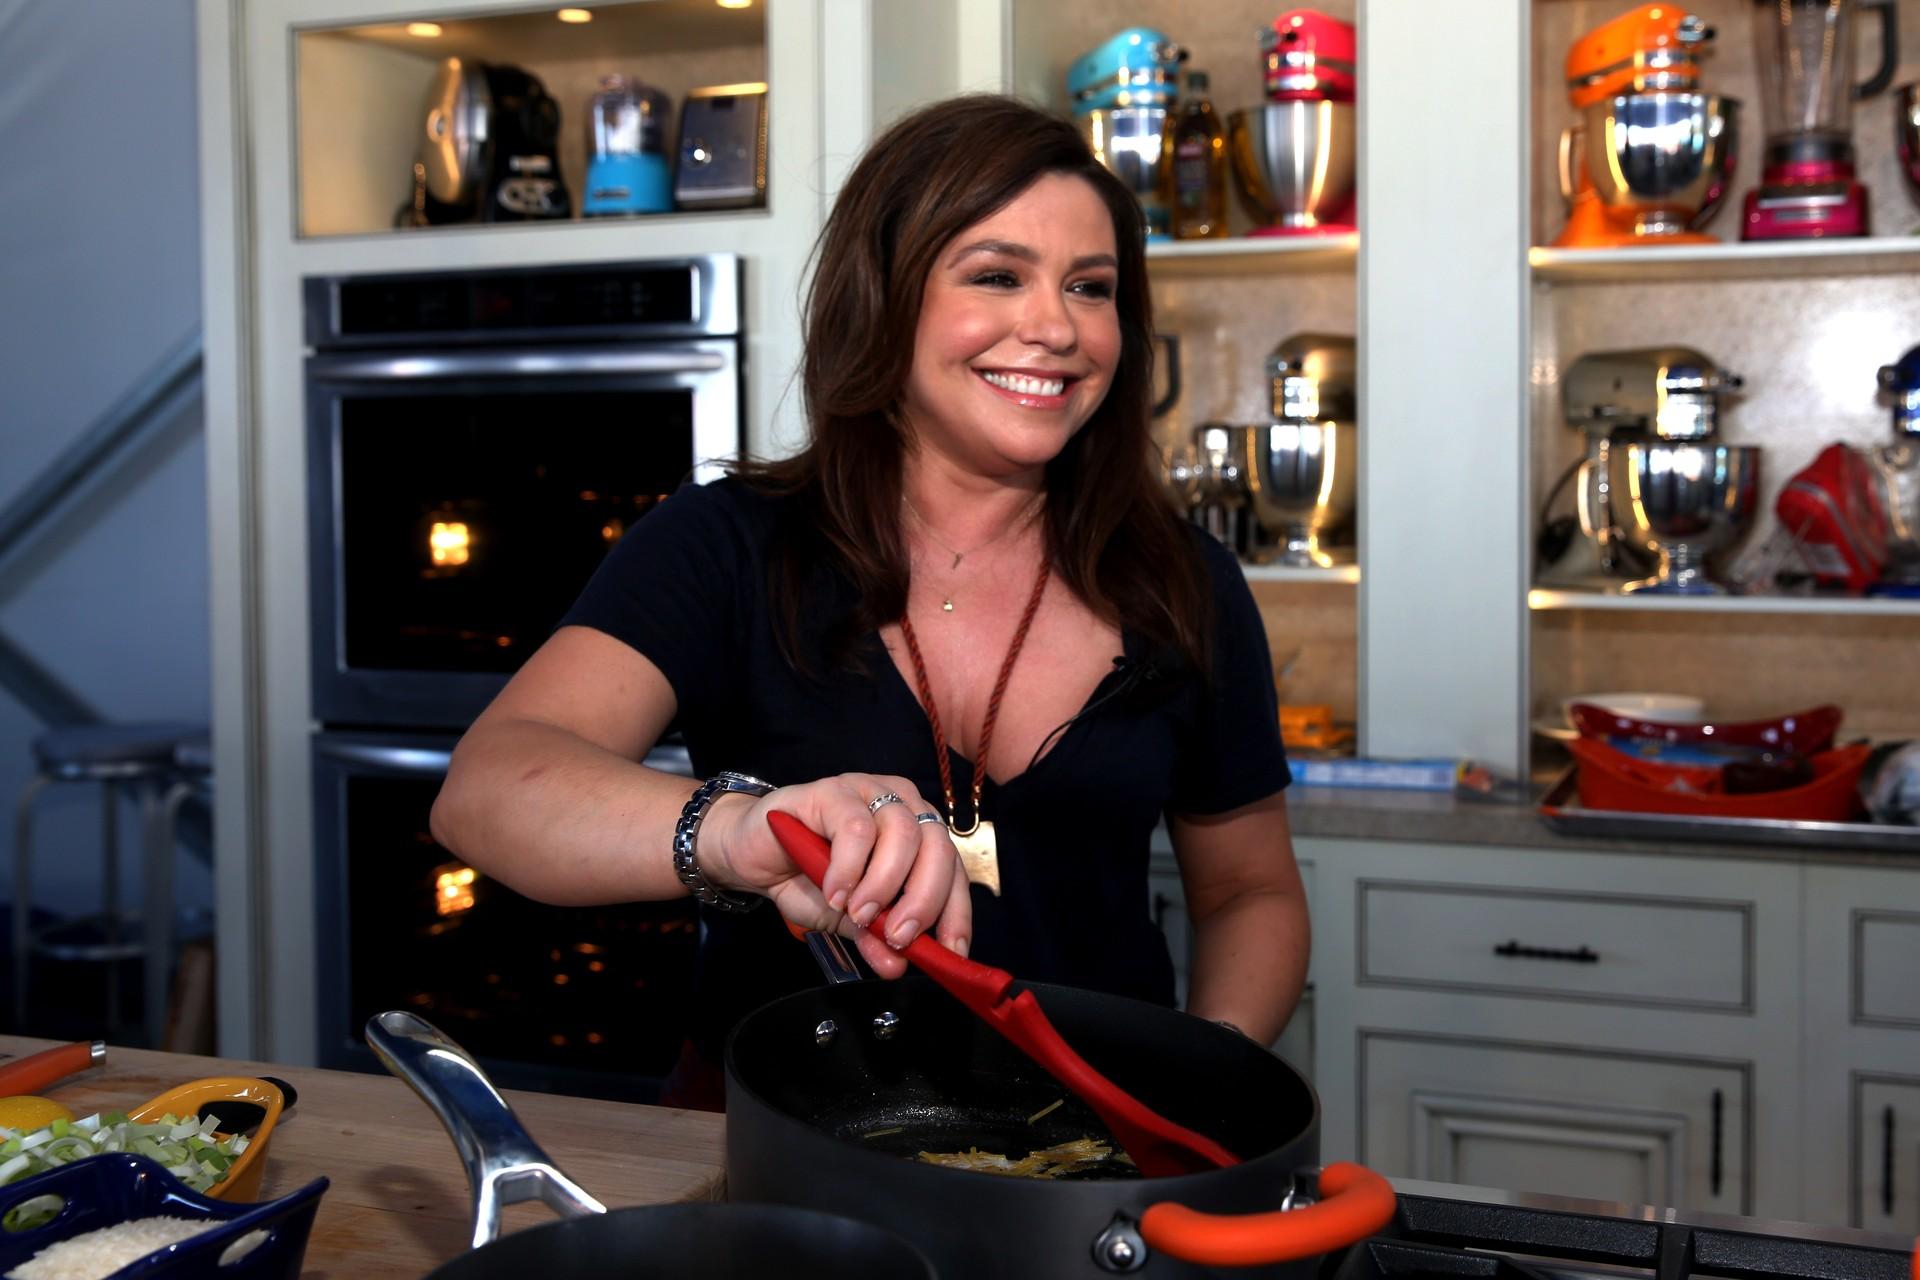 """A chefe de cozinha e apresentadora disse no programa 'Nightline', em 2009, sua decisão de não ter filhos. """"Tenho 40 anos e uma quantidade enorme de horas que dedico ao trabalho. Pessoalmente, precisaria de mais tempo para me sentir uma boa mãe. Já não dou a devida atenção ao meu cachorro, imagina para uma criança. Seria injusto, não somente para com o bebê, mas também para as pessoas com quem trabalho."""" (Foto: Getty Images)"""